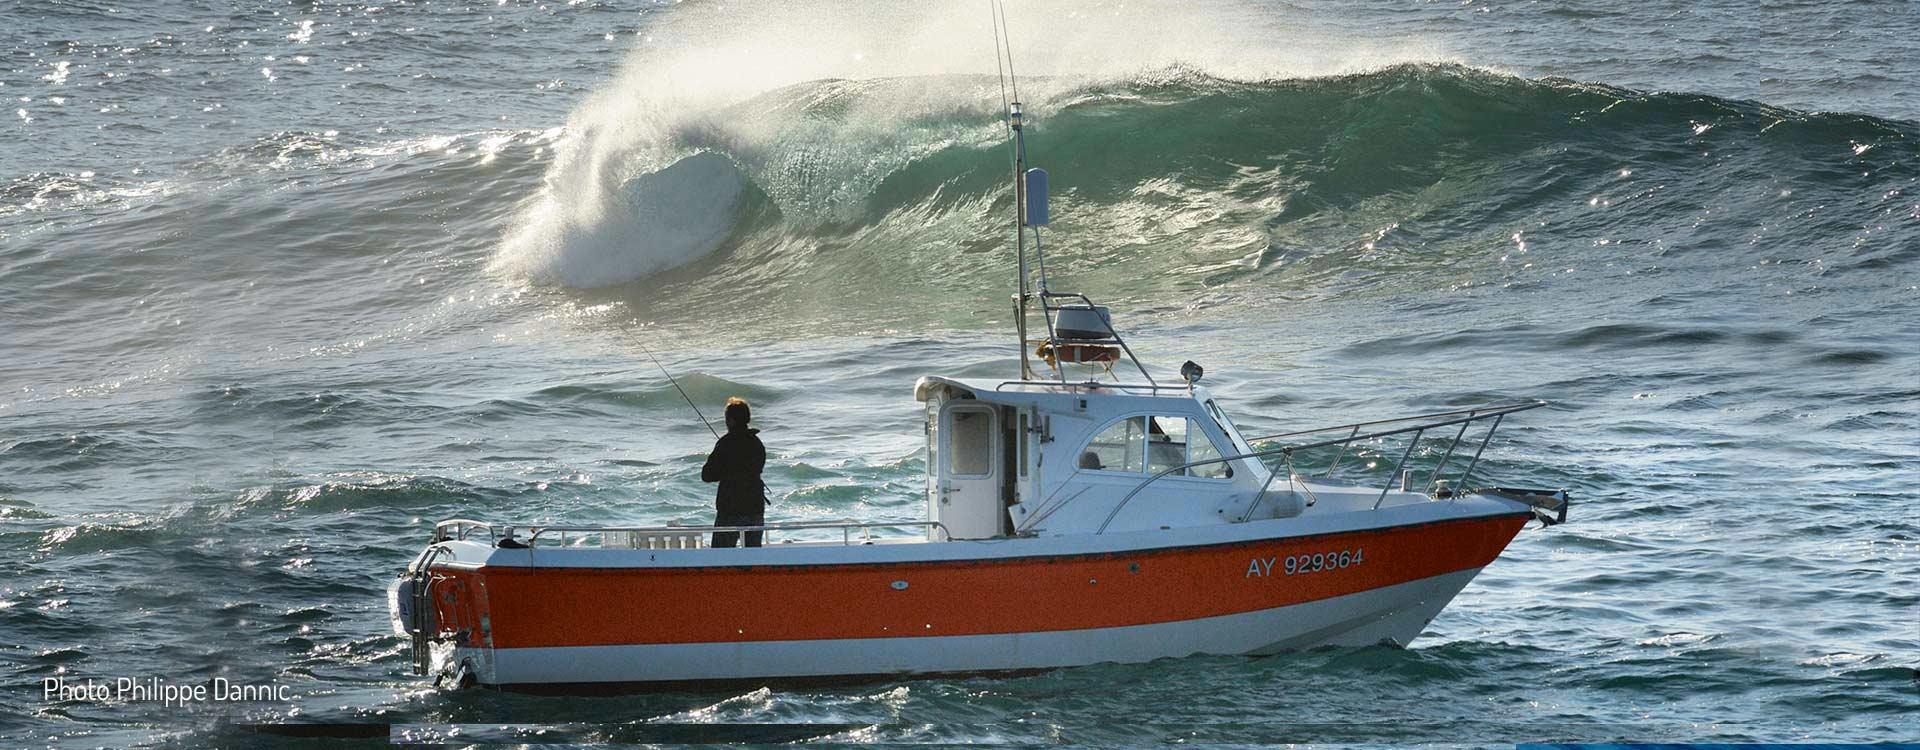 Célèbre Guide Pêche Bretagne, Pêche au Bar et Thon Belle-île en Mer WI94